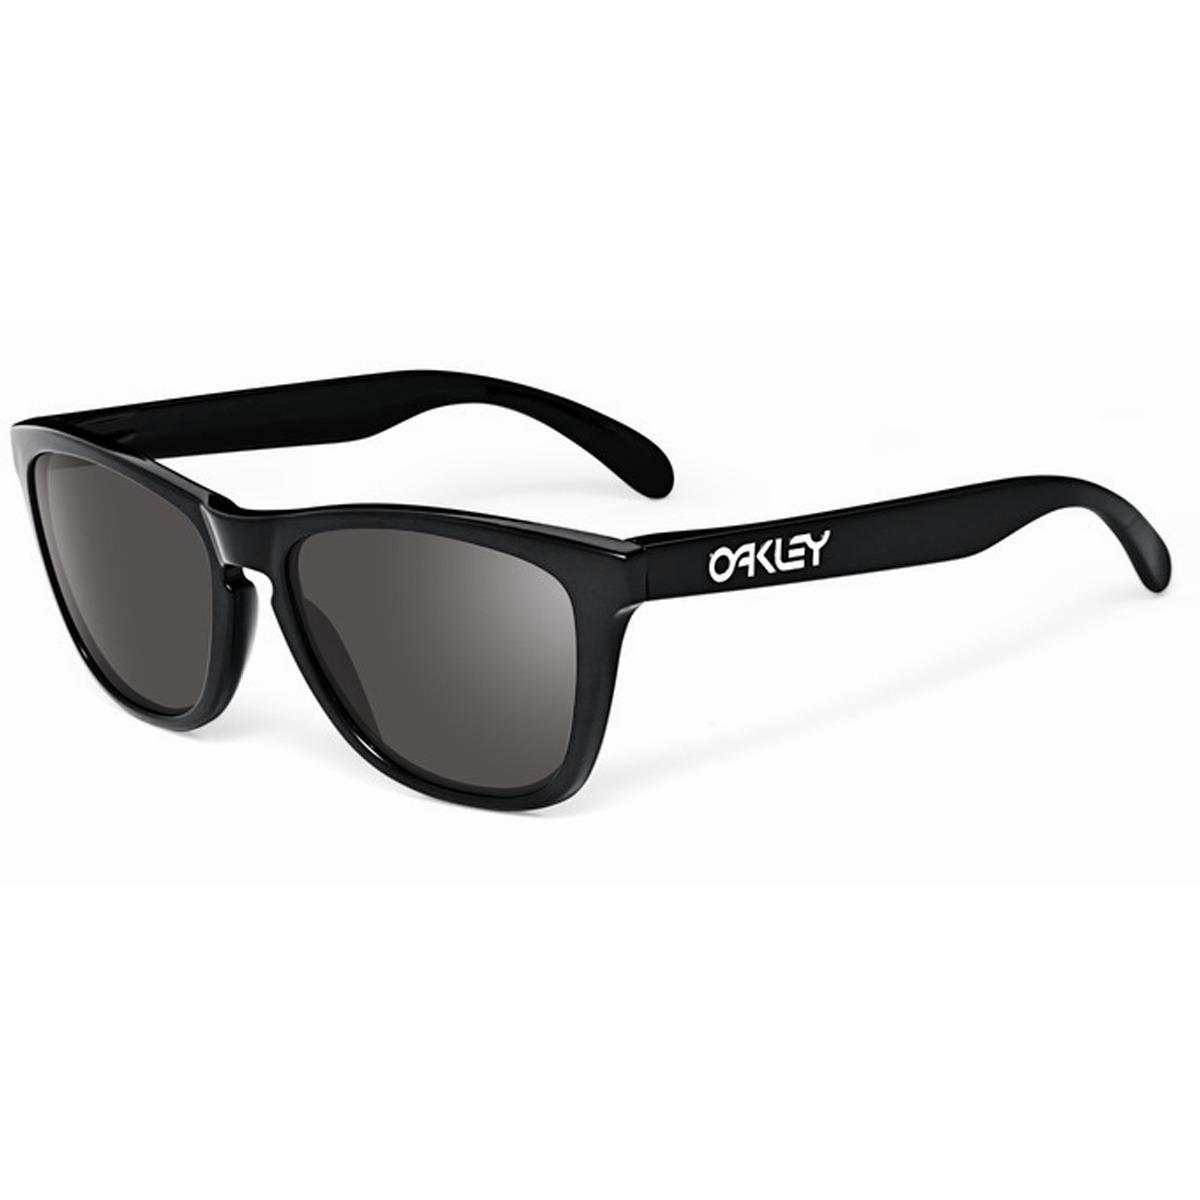 óculos oakley frogskins surf collection polished black w  gr. Carregando  zoom. 5c9859d992